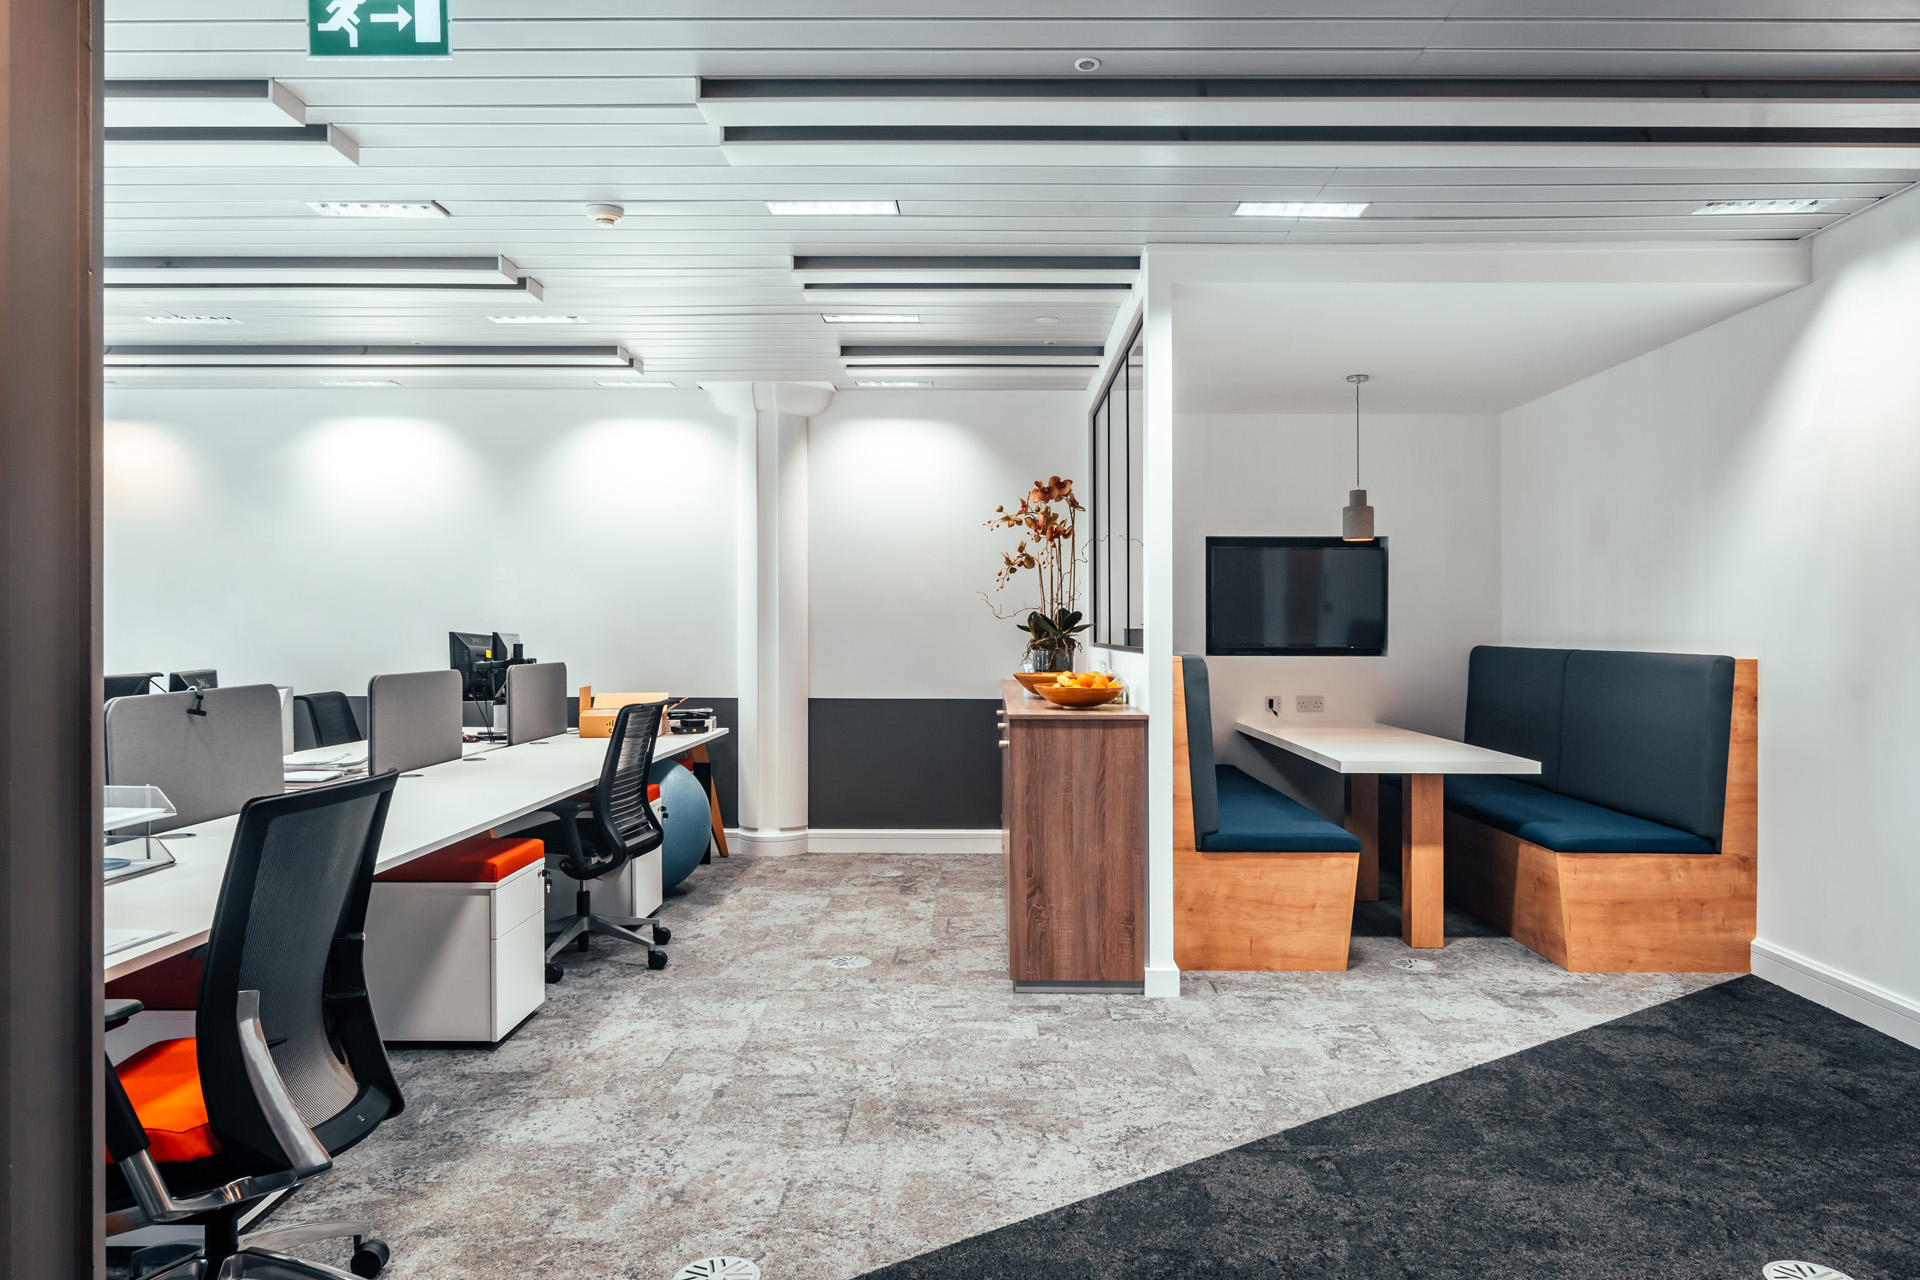 Open Plan Office Layout //  Brook-Dobson Brear, Harrogate